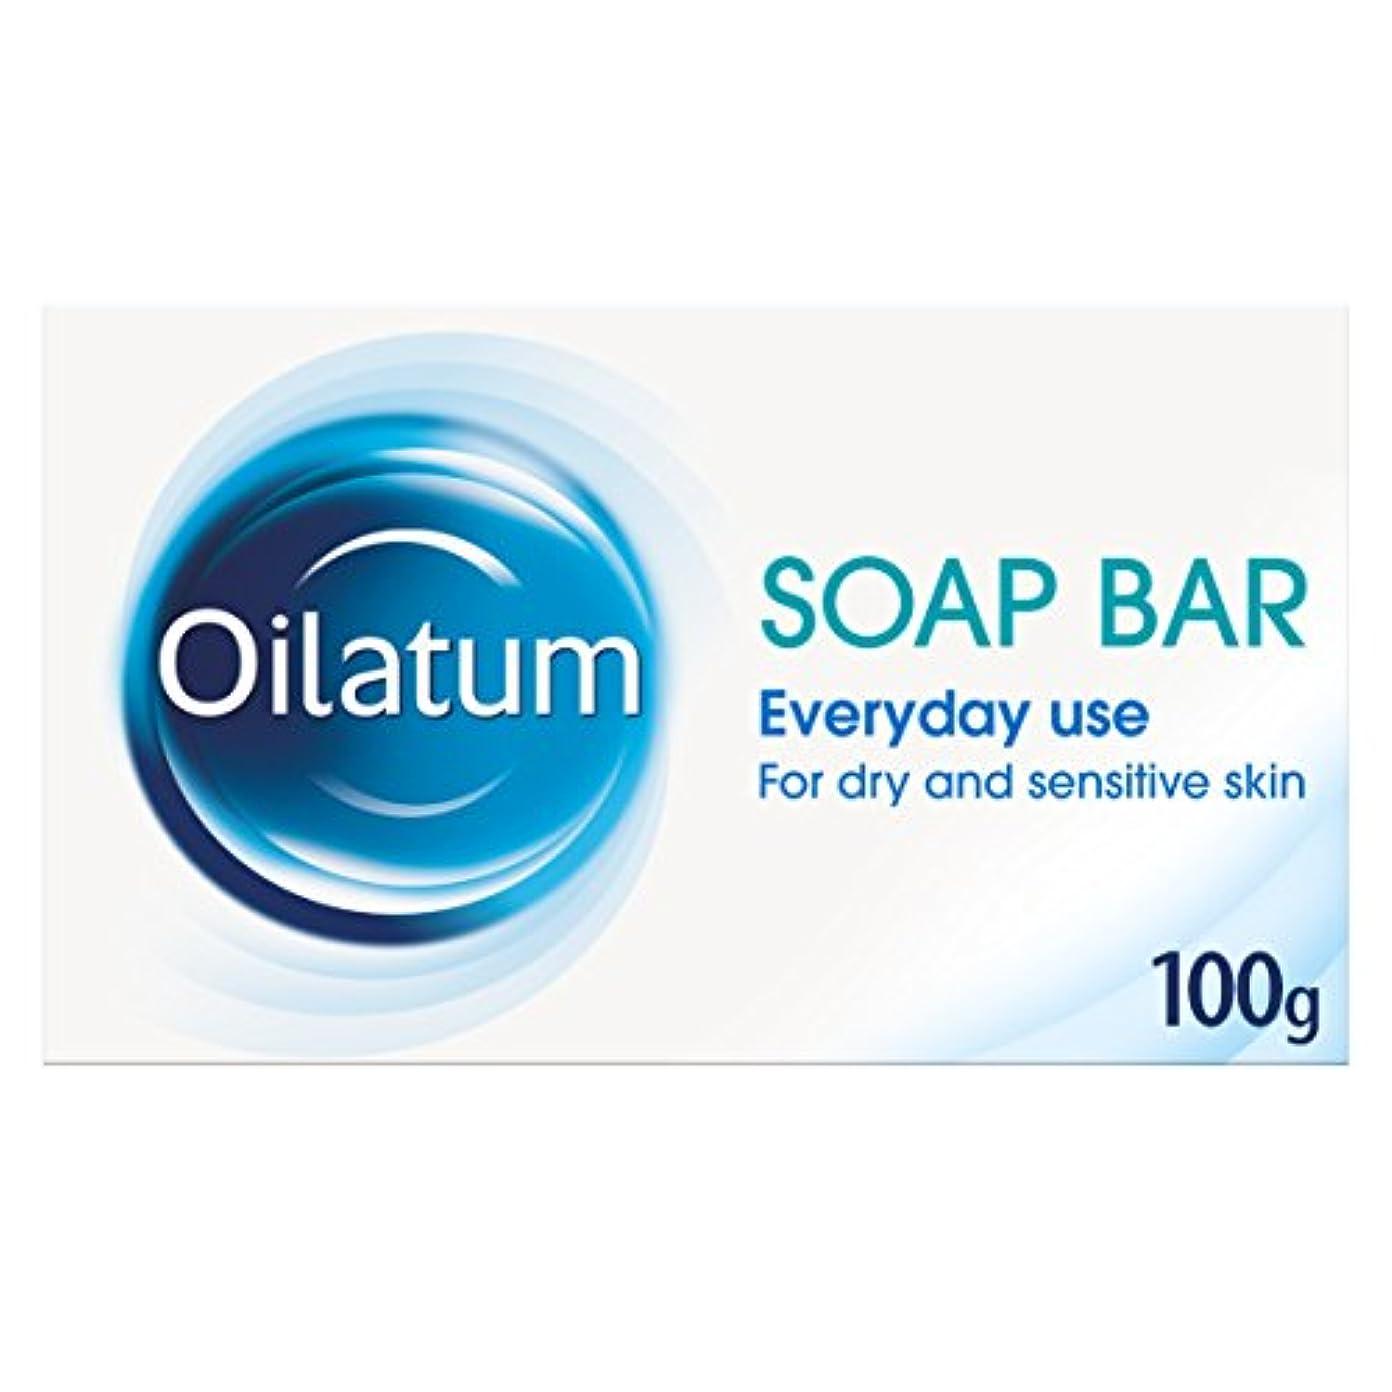 パステルファブリック消費者Oilatum 100g Soap Bar for Dry Skin [並行輸入品]